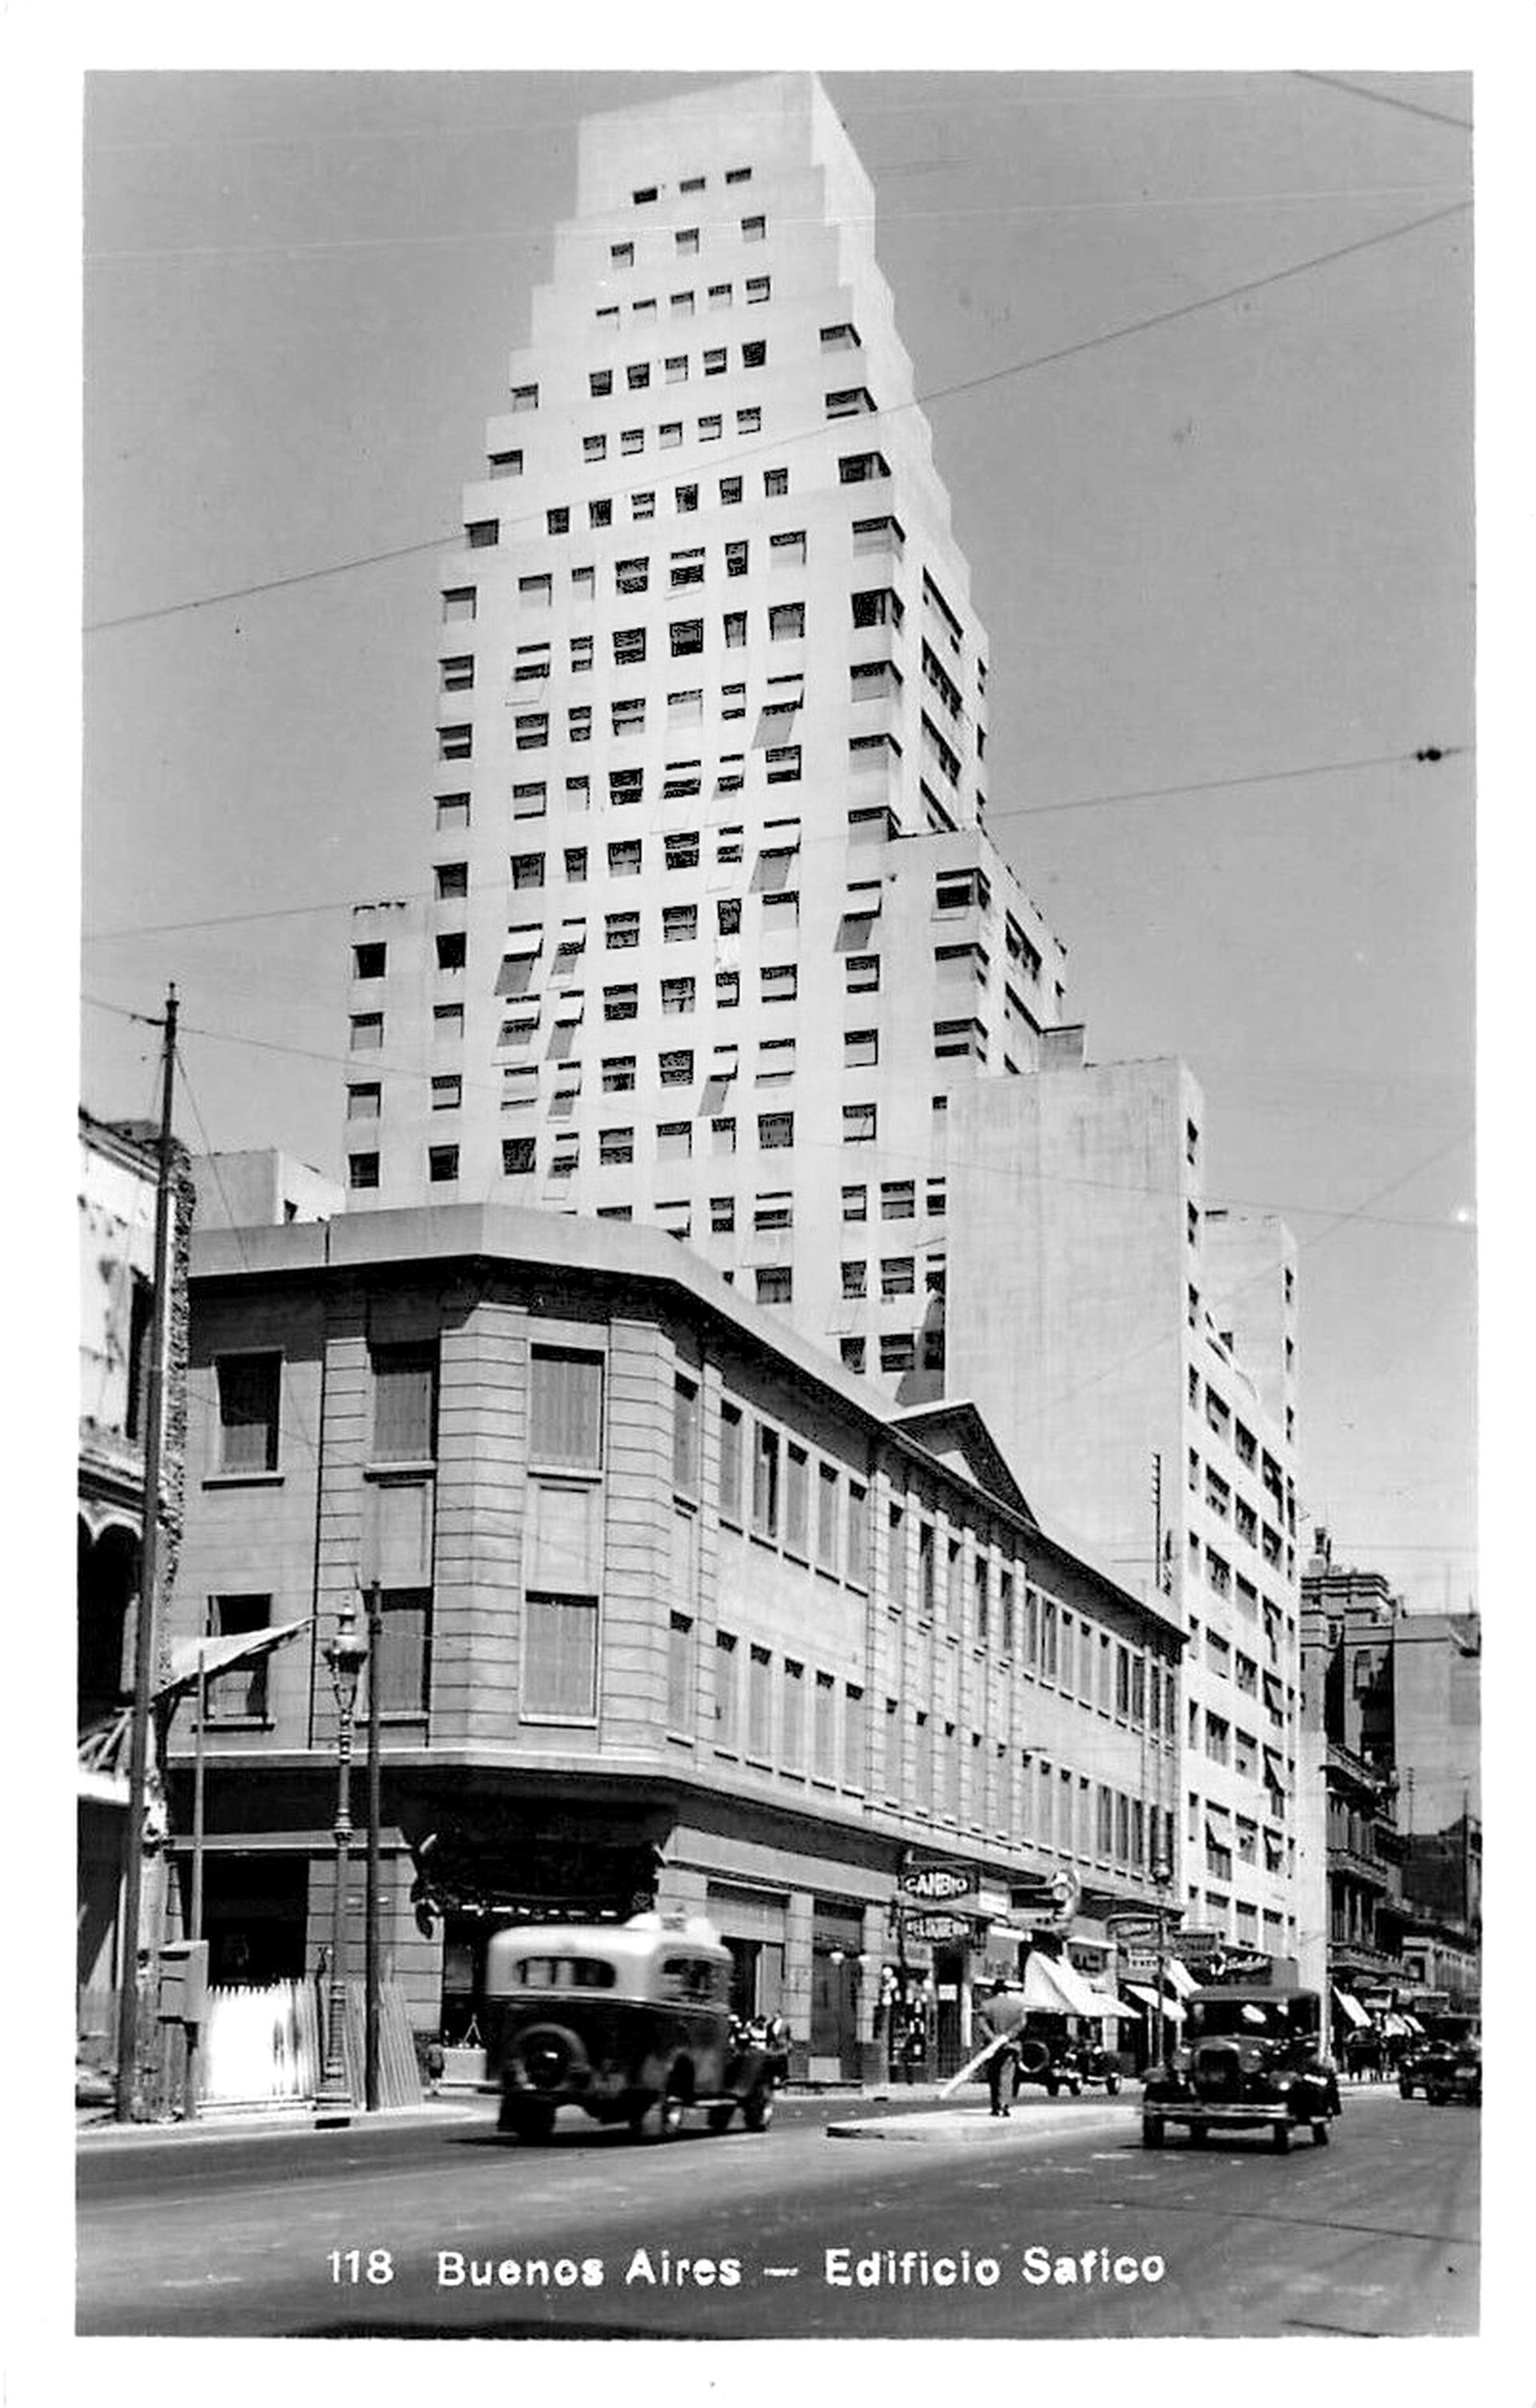 A finales de la década del 30/40 la esquina suroeste fue ocupada la Ferretería Alemana. Detrás, el edificio Safico.